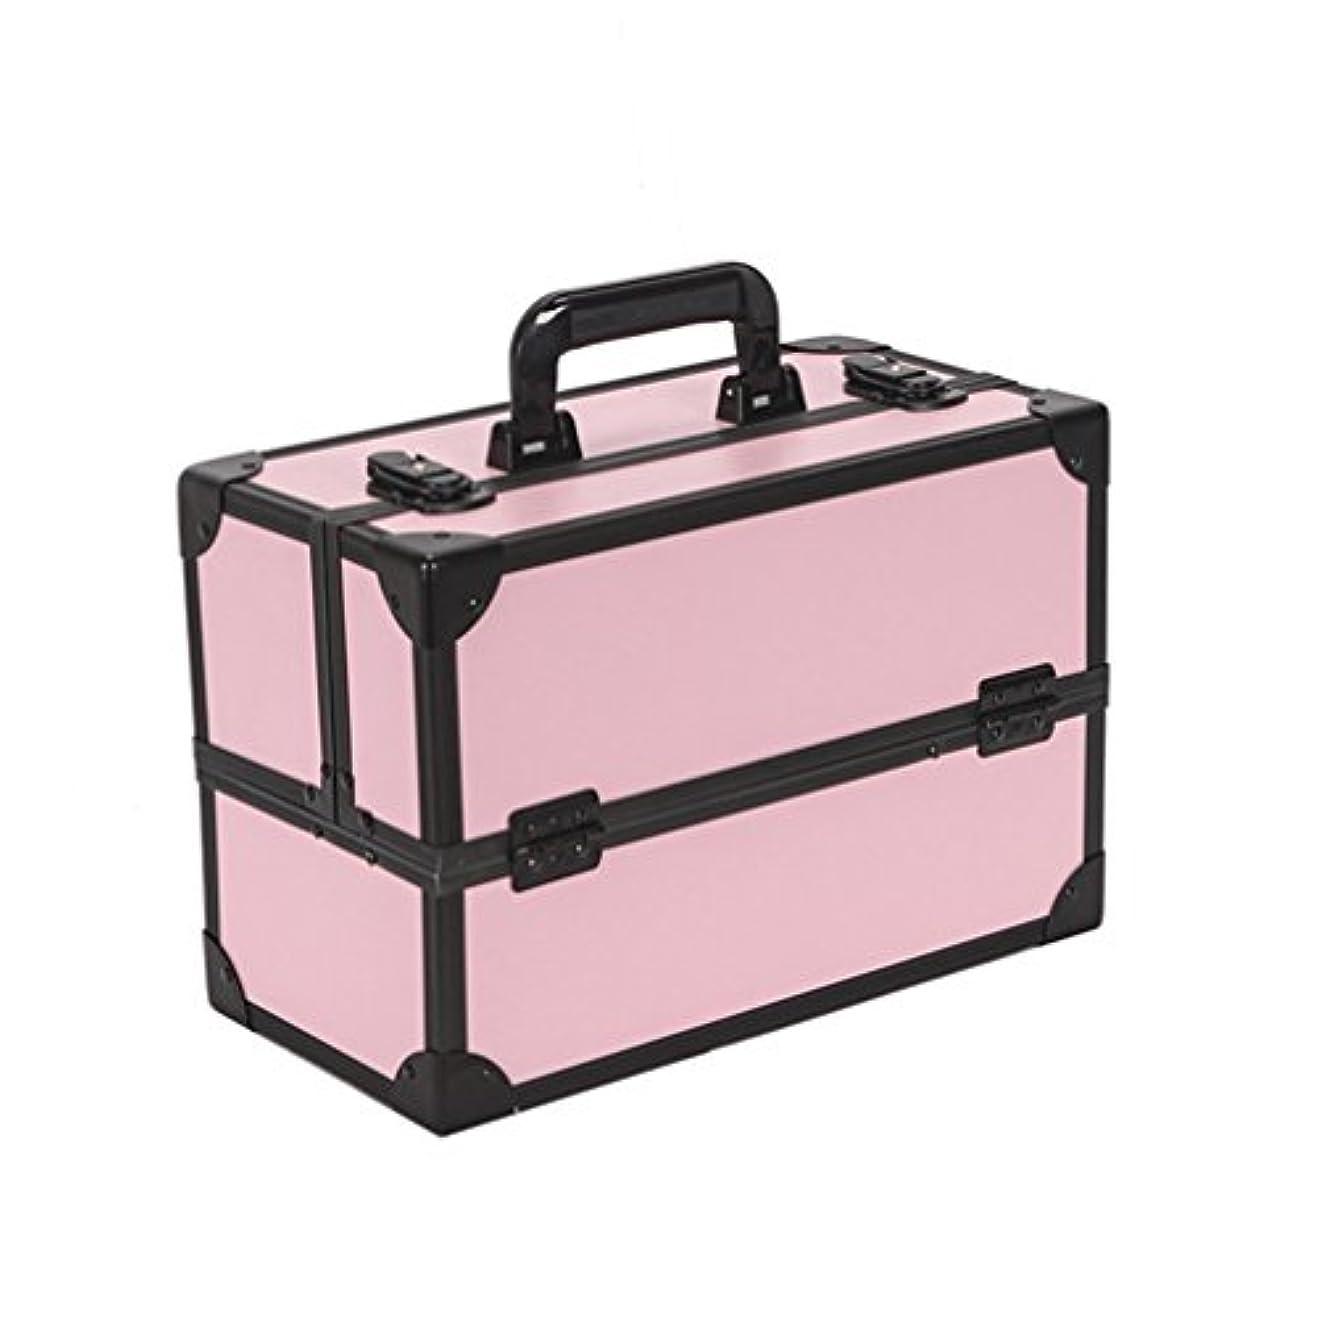 自己ではごきげんようハンバーガー{ツネユウ}メイクボックス 大容量 コスメボックス プロ用 化粧品収納 ジュエリー アクセサリー メイク道具 収納ボックス 3段収納トレイ 携帯ハンドル付 メイクブラシ 収納力抜群 かわいい ピンク